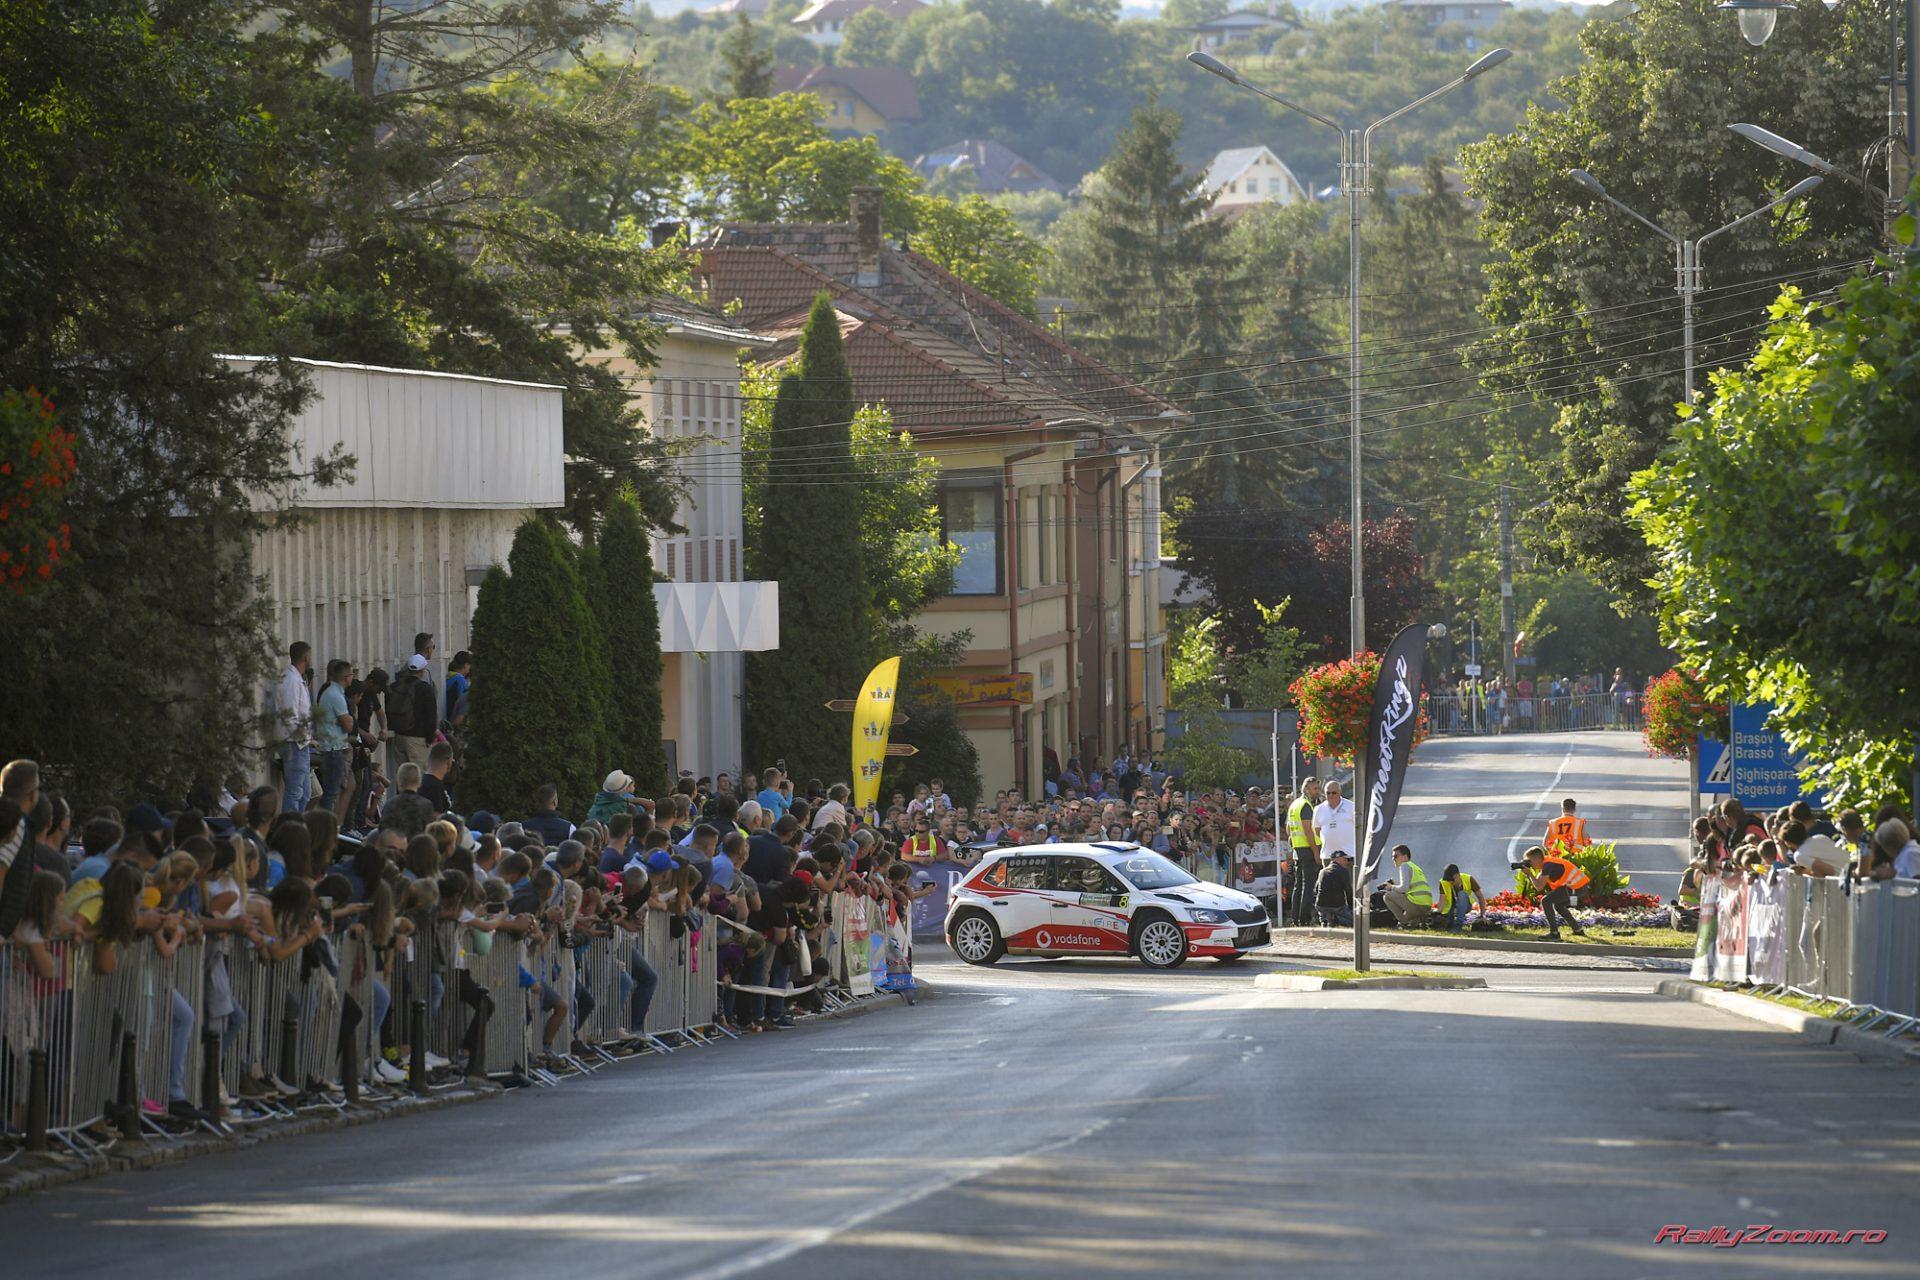 Titi Aur se retrage din Campionatul National de Raliuri Dunlop 2019